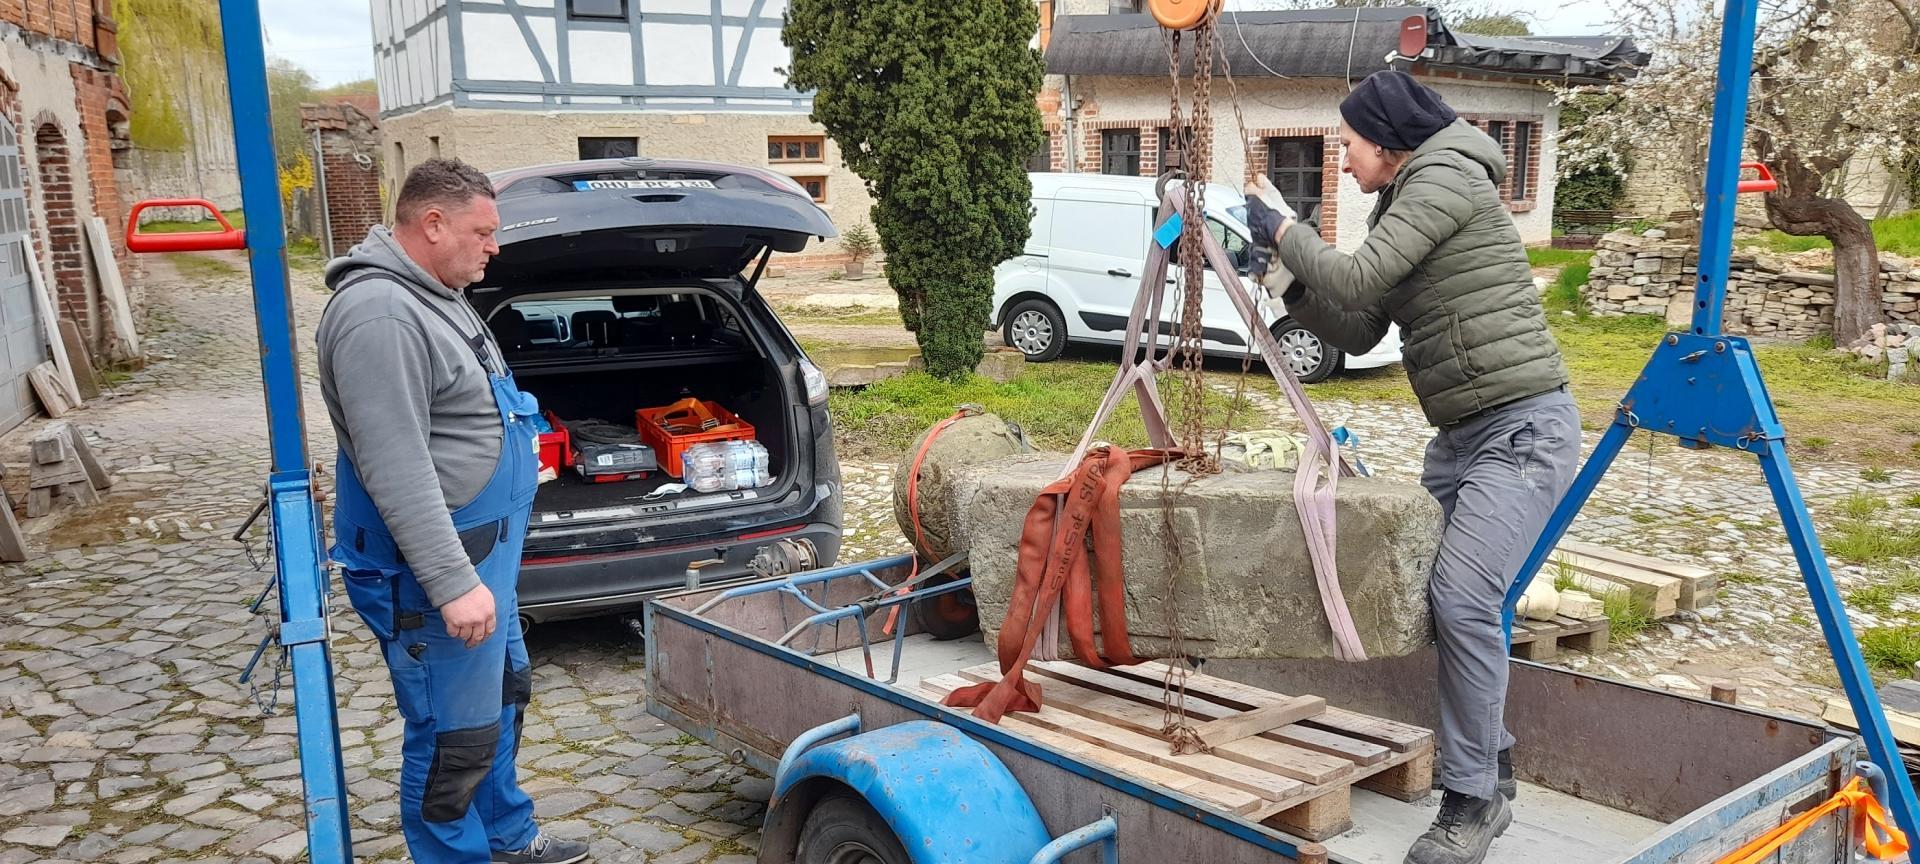 Der Postmeilenstein hängt am Haken. Tino Kohl hat ihn nach Groß Rodensleben transportiert. Dort wird Steinmetzin Cathrin Bothmann den Stein in den kommenden Wochen restaurieren.